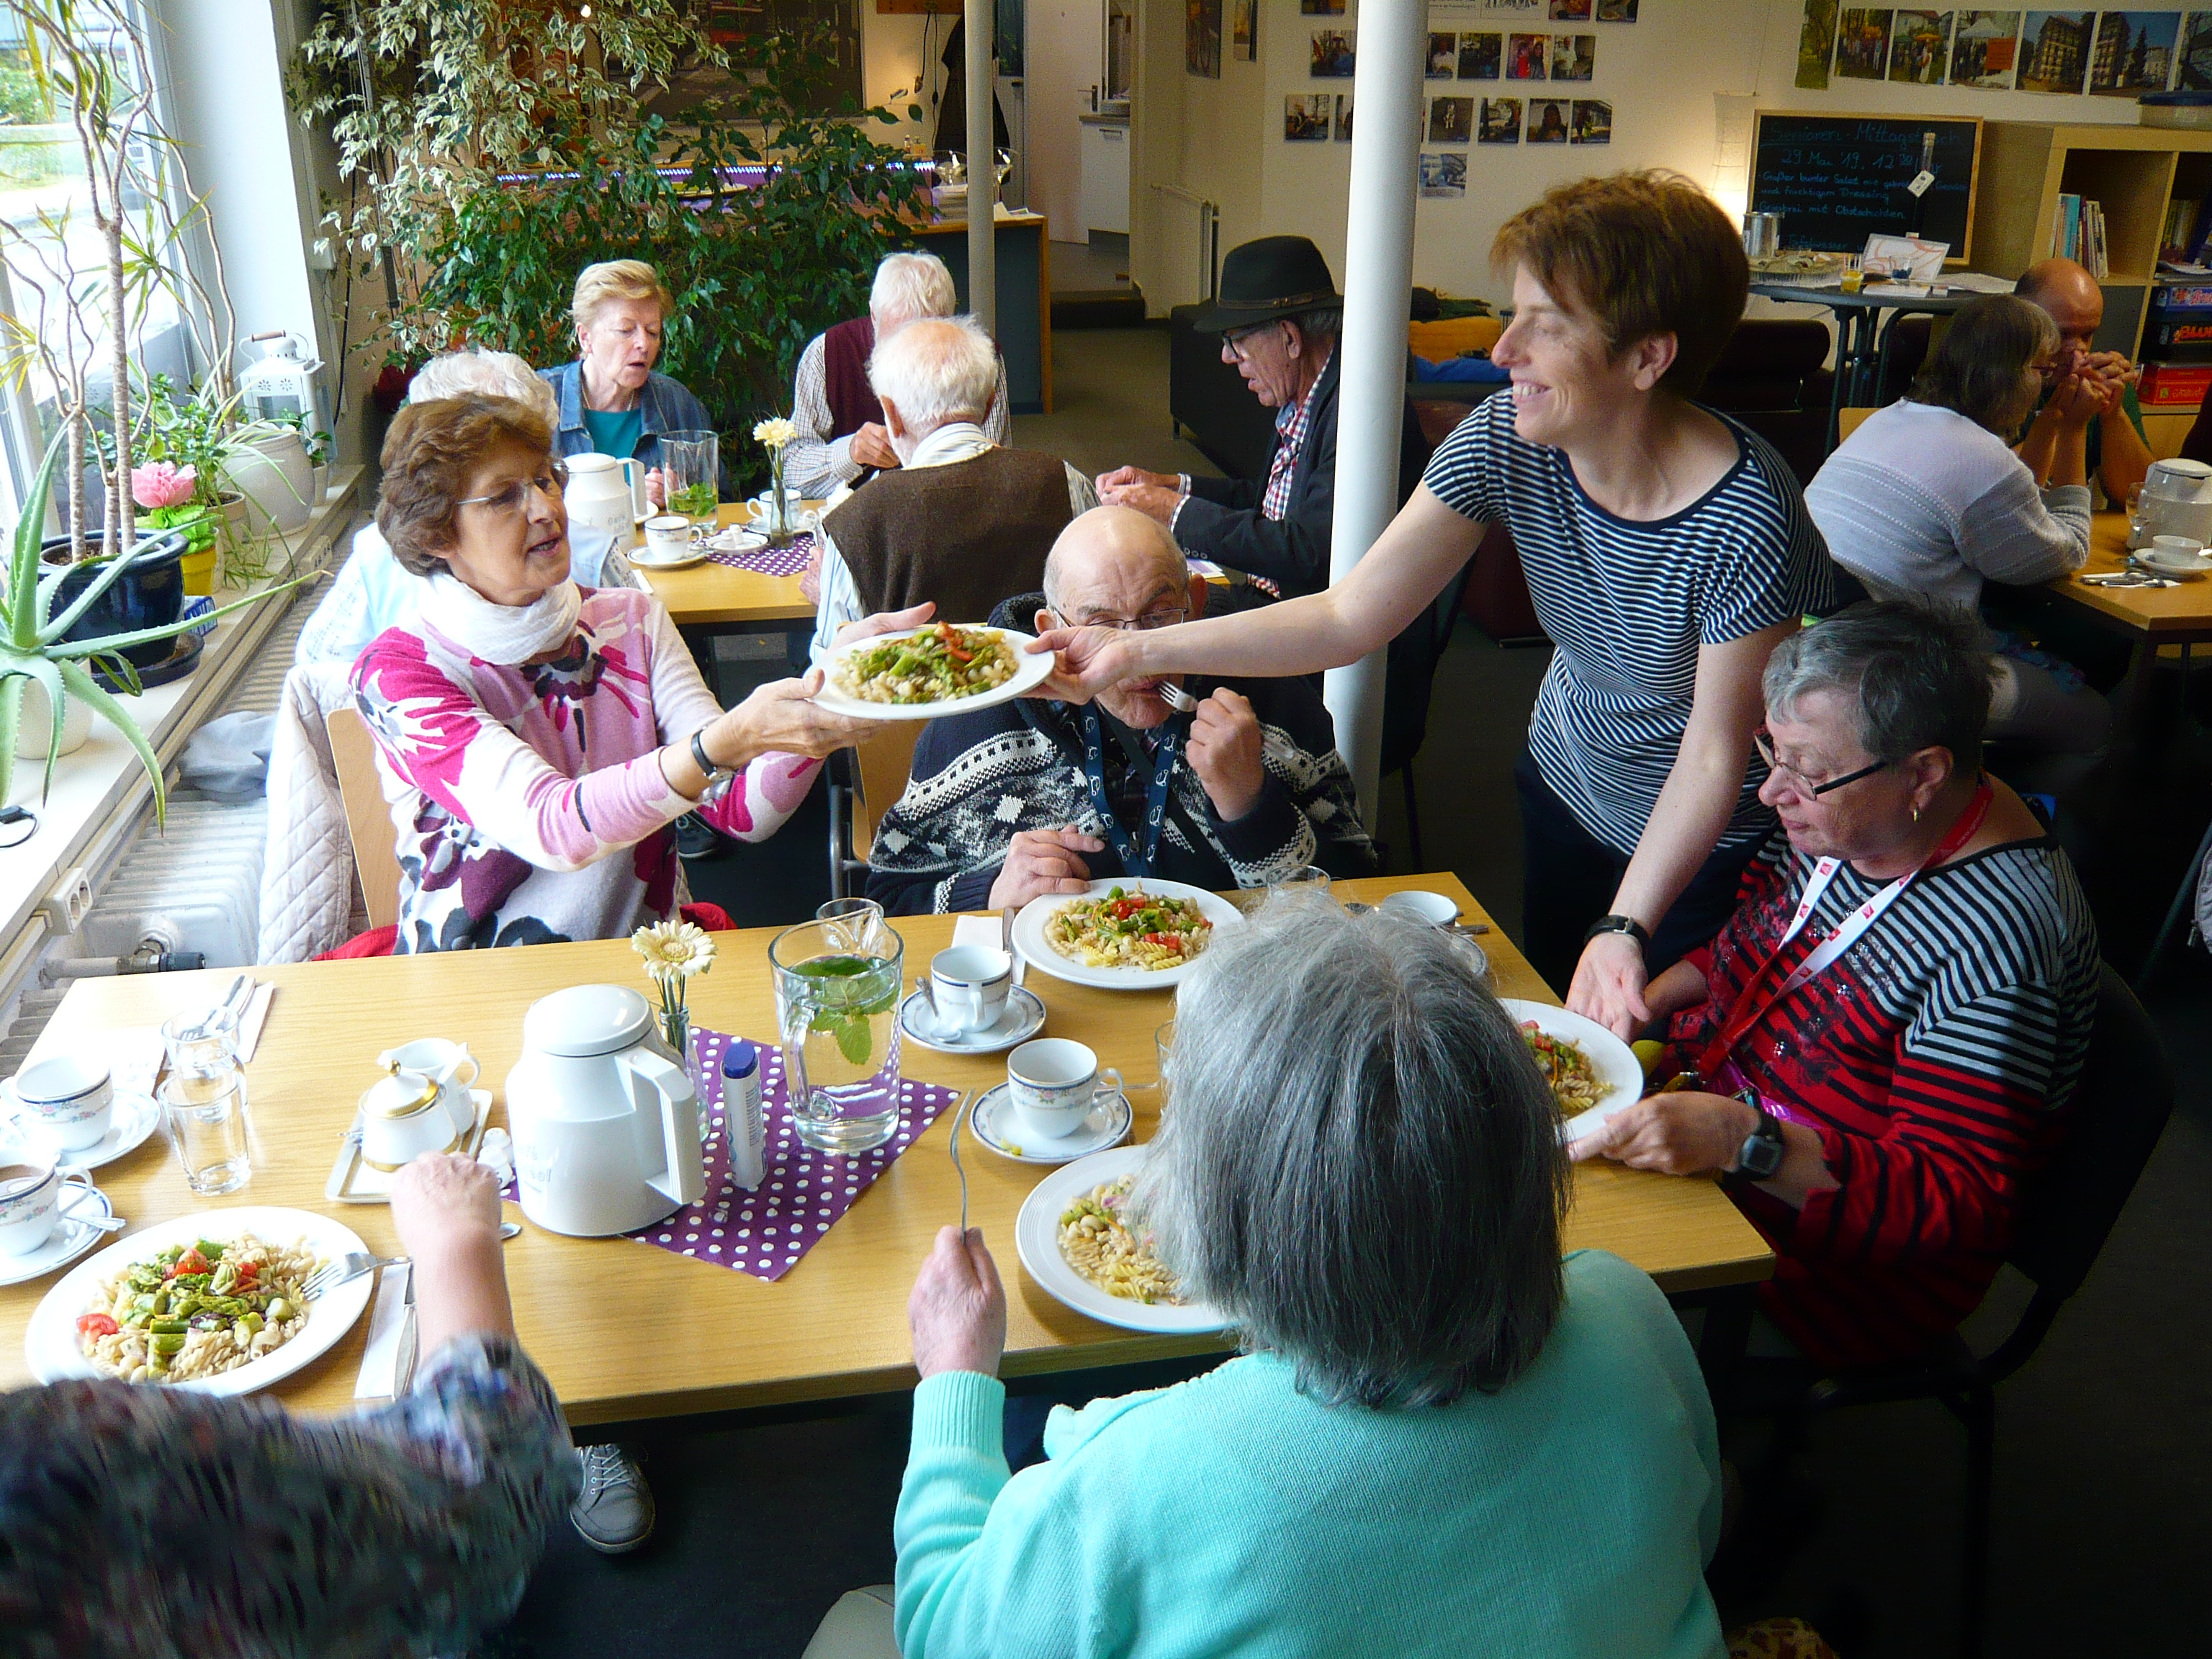 Unser SeniorInnen-Mittagstisch – seit Wochen immer ausgebucht…